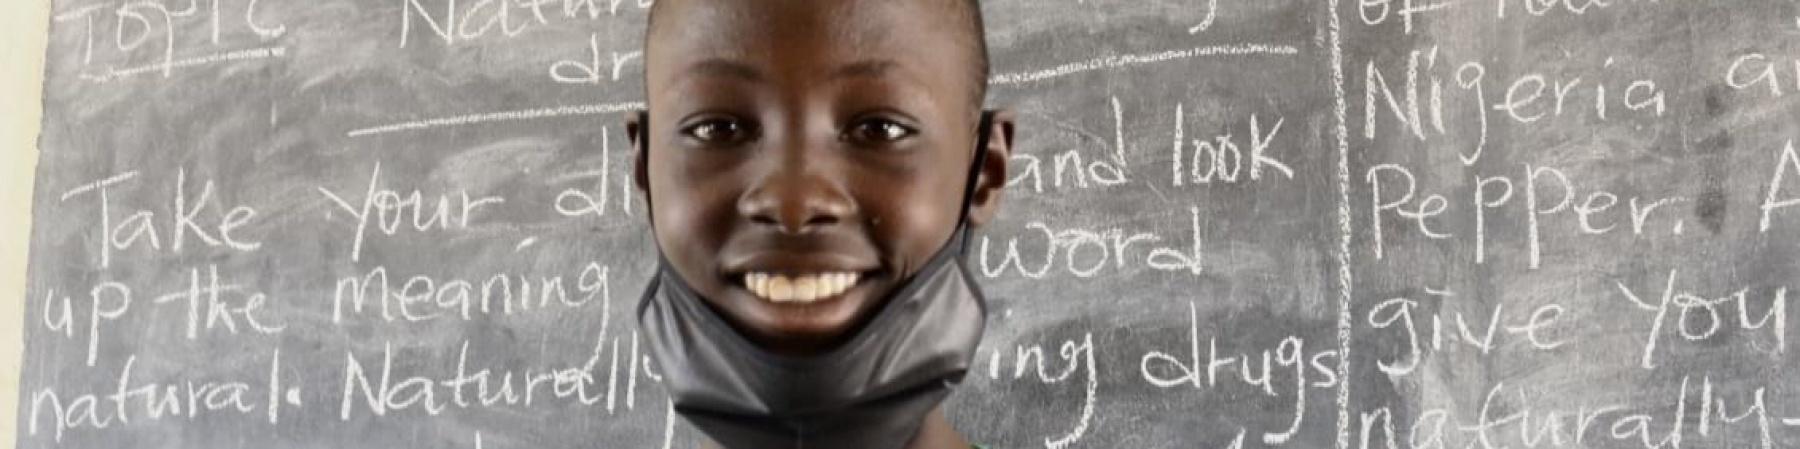 Bambino in primo piano sorridente con mascherina nera abbassata davanti a una lavagna scritta. Indossa una maglietta verde dell adidas